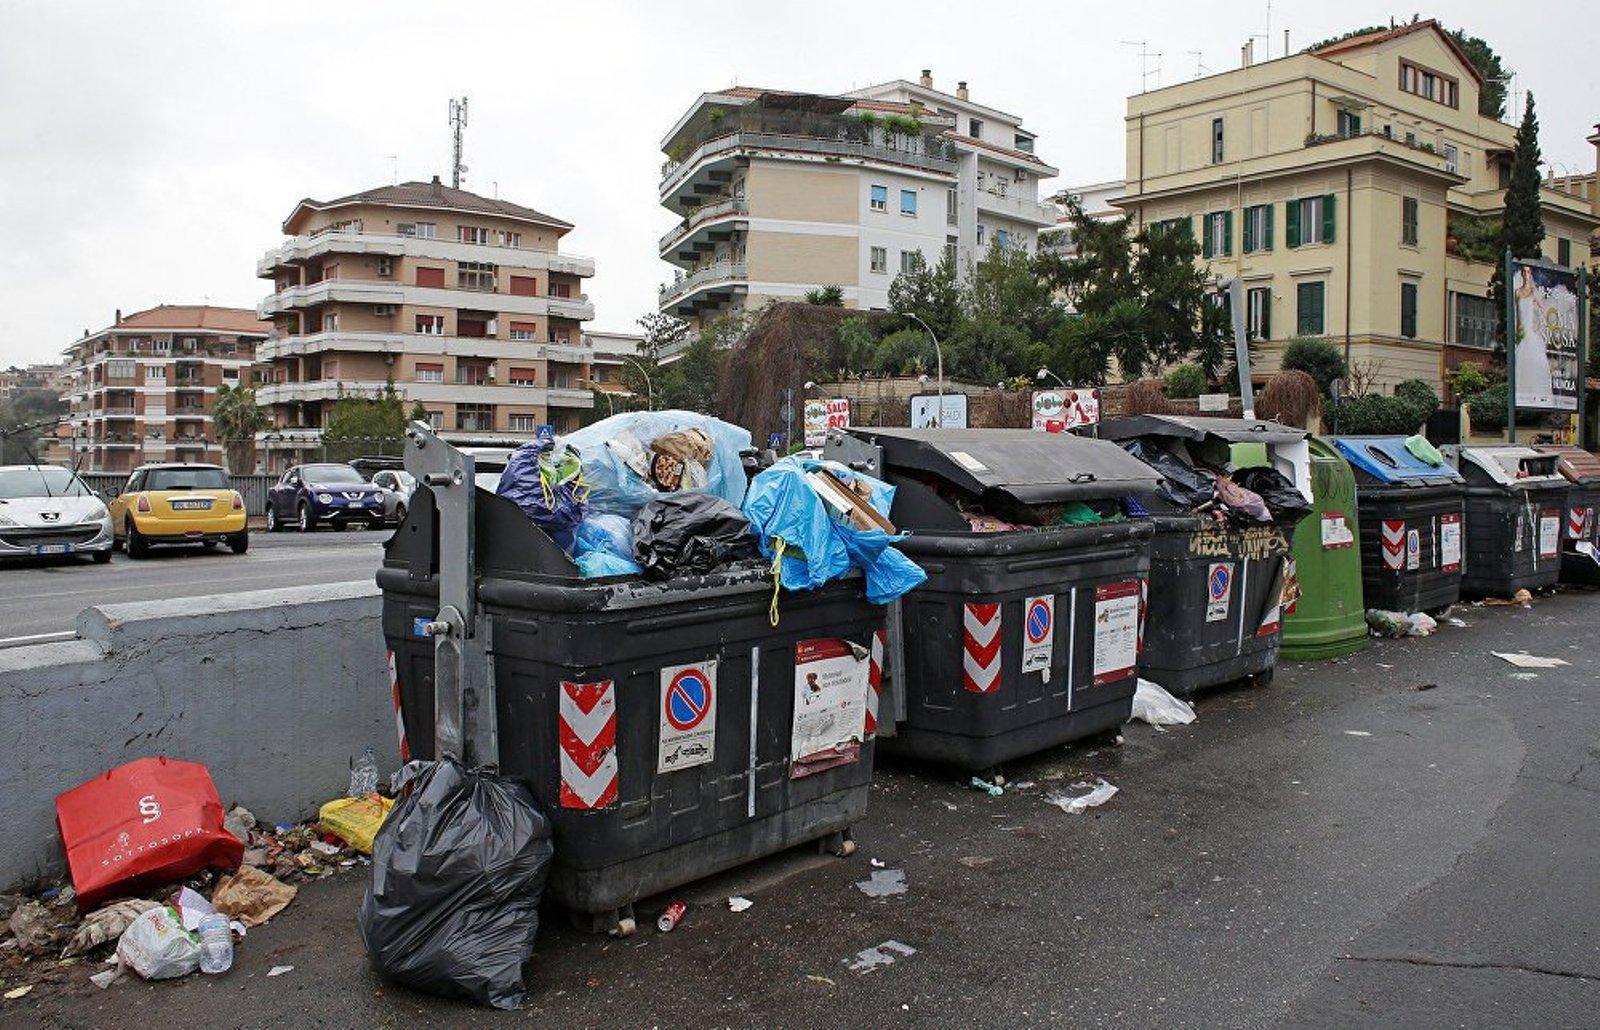 Мусор в Италии